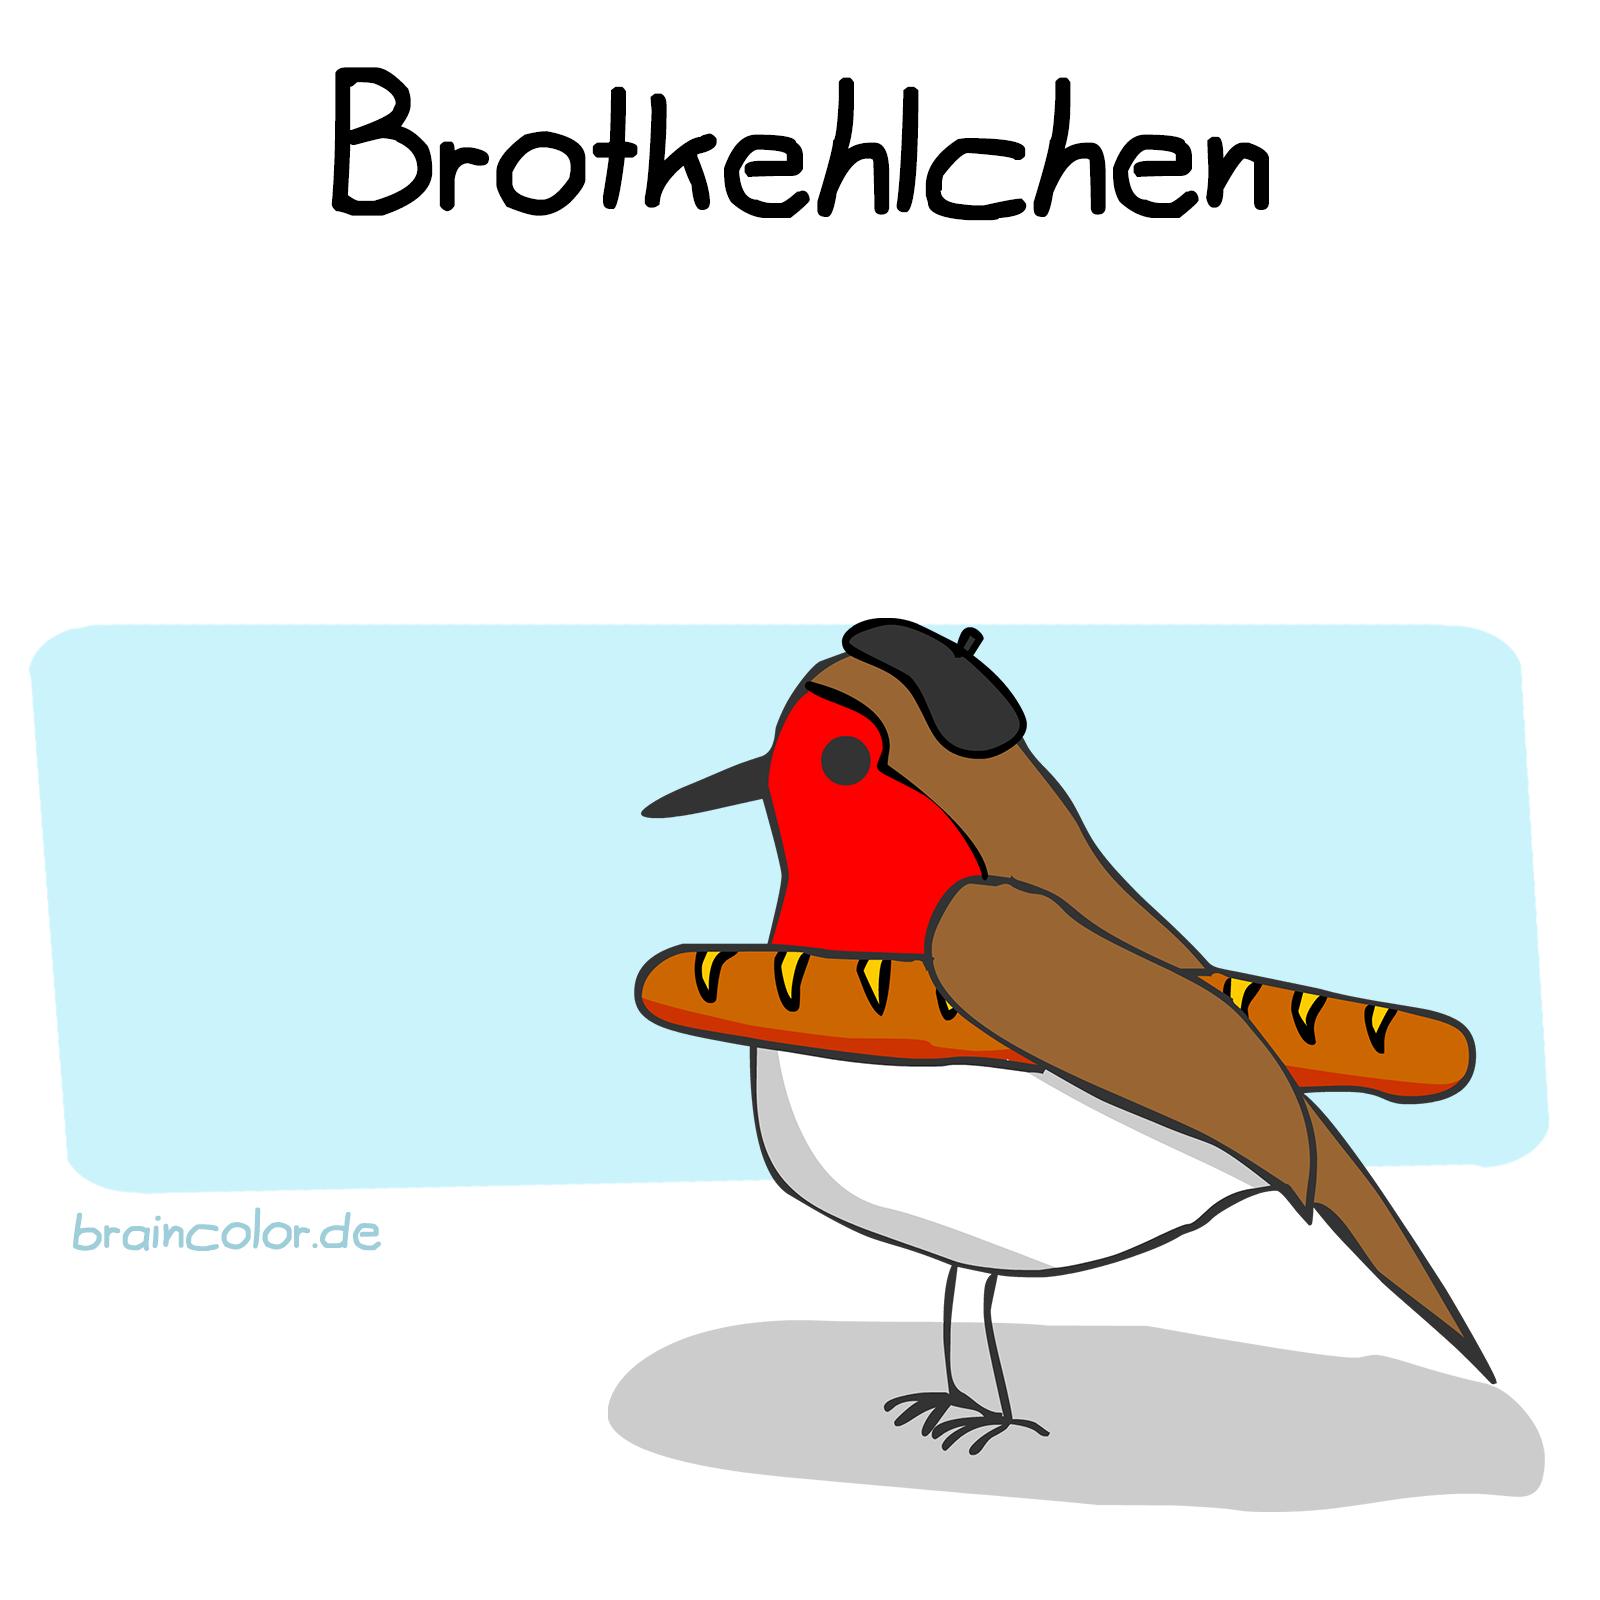 Brotkehlchen